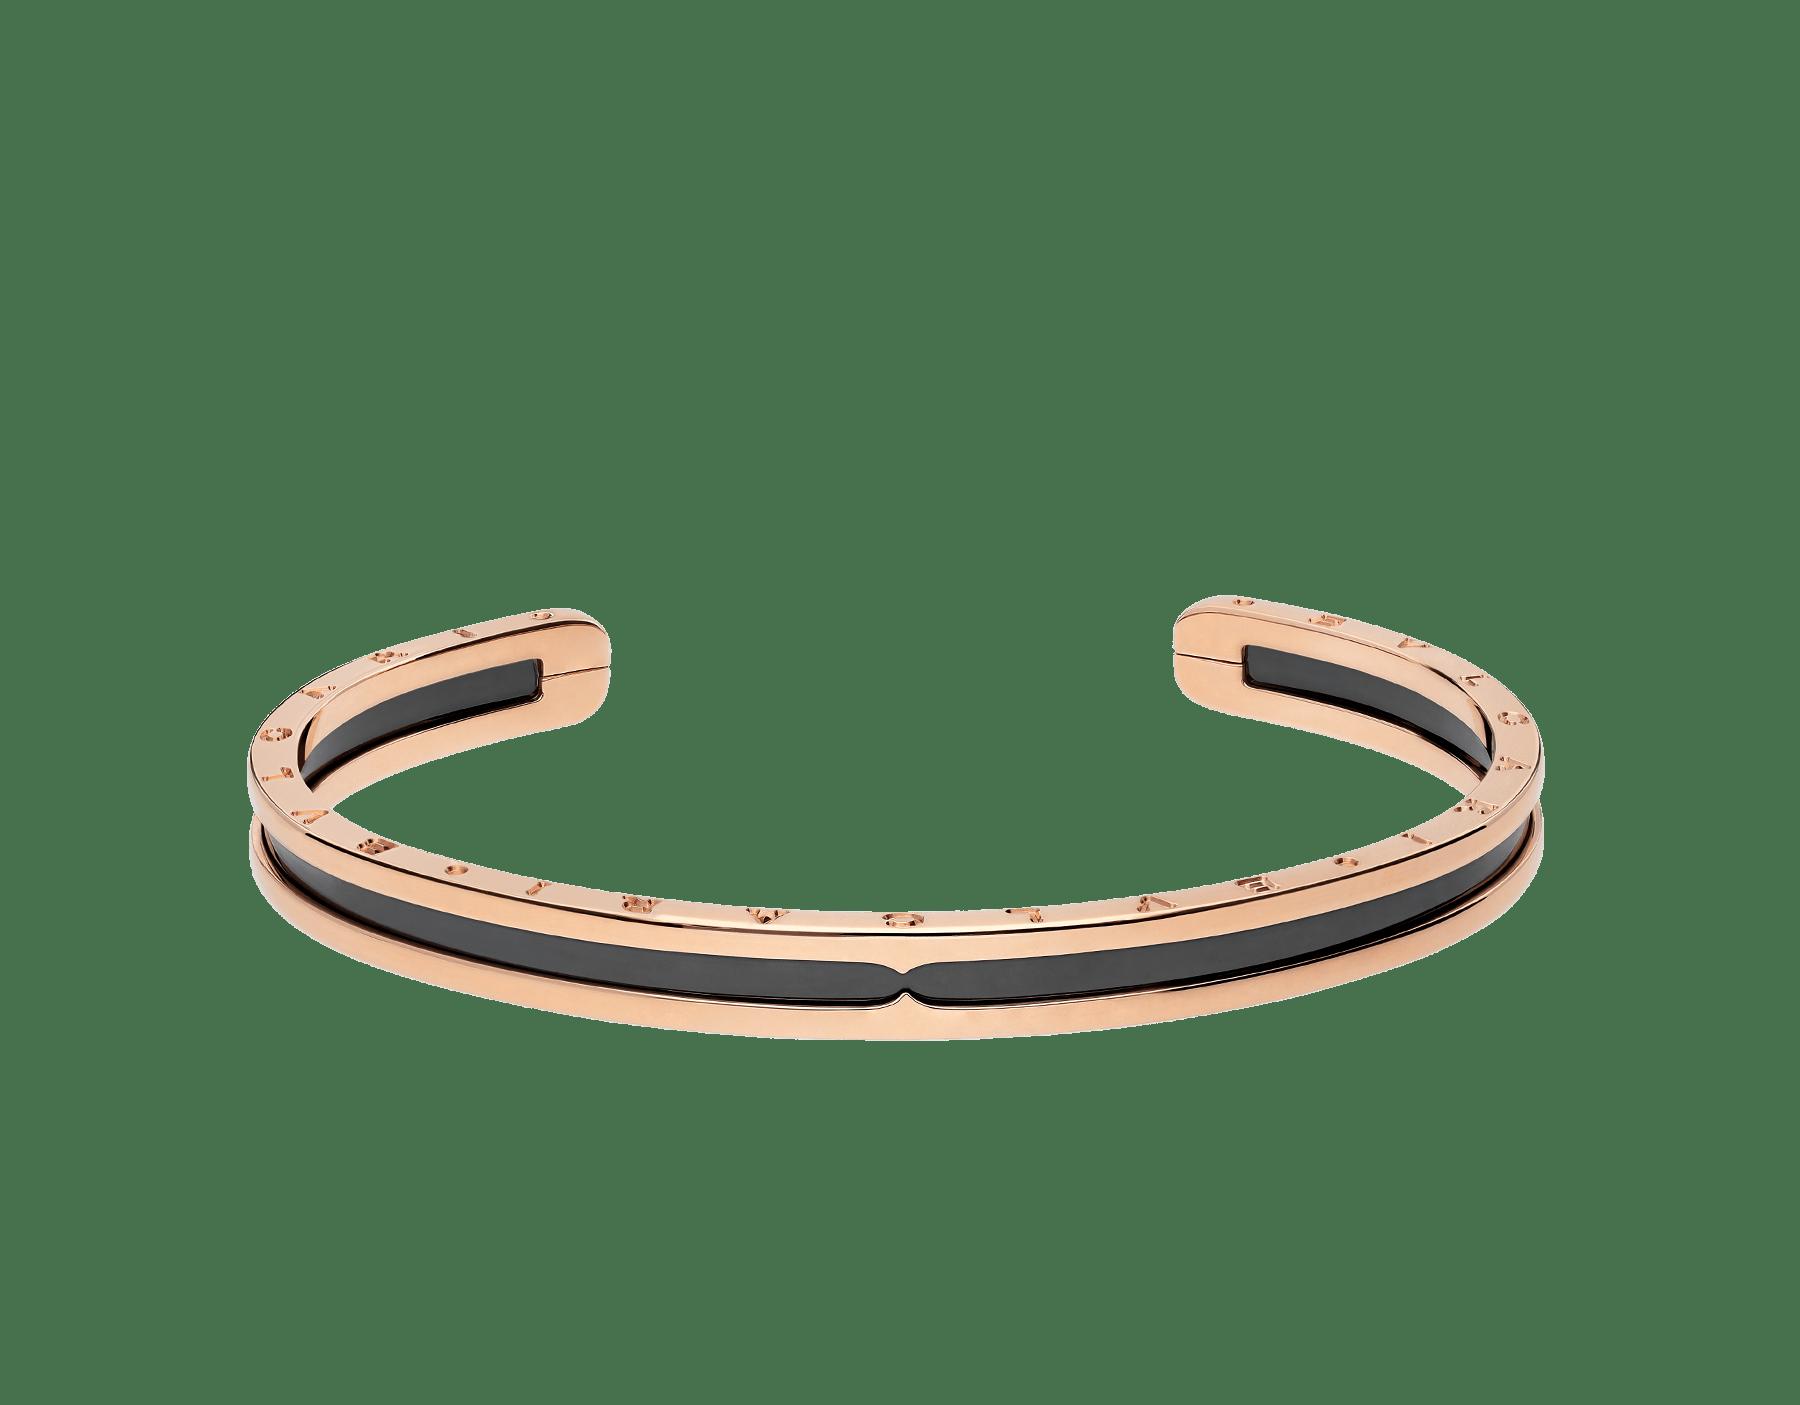 Pulsera B.zero1 en oro rosa de 18 qt y acero con tratamiento DLC (Diamond Like Carbon, carbono diamantino). BR855712 image 2